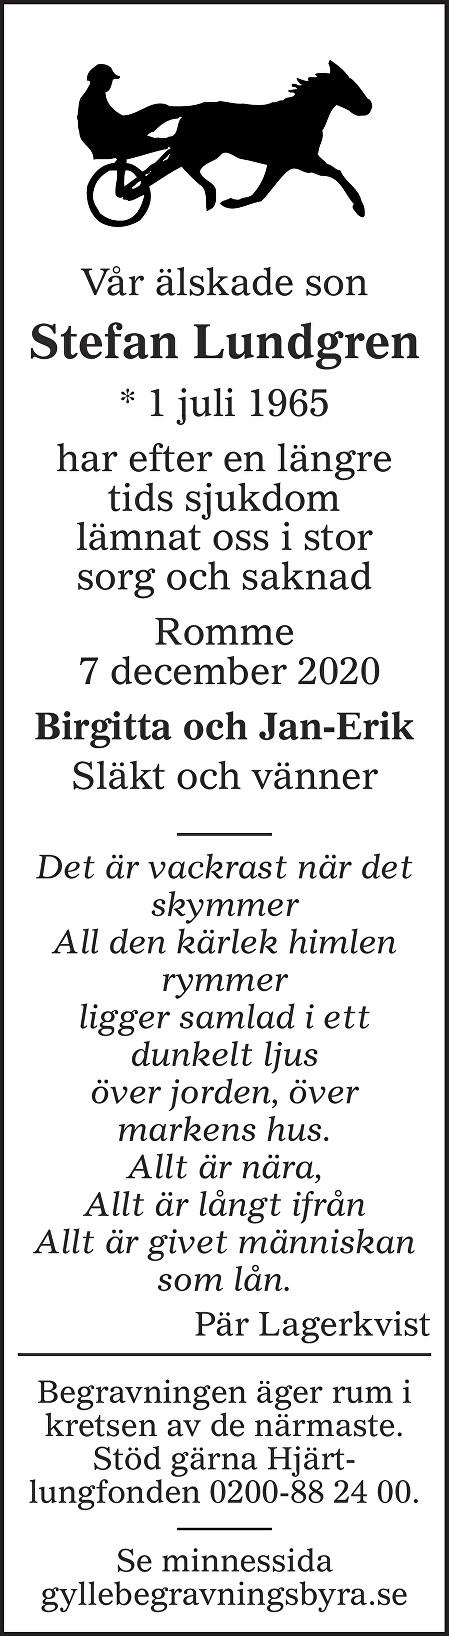 Stefan Lundgren Death notice